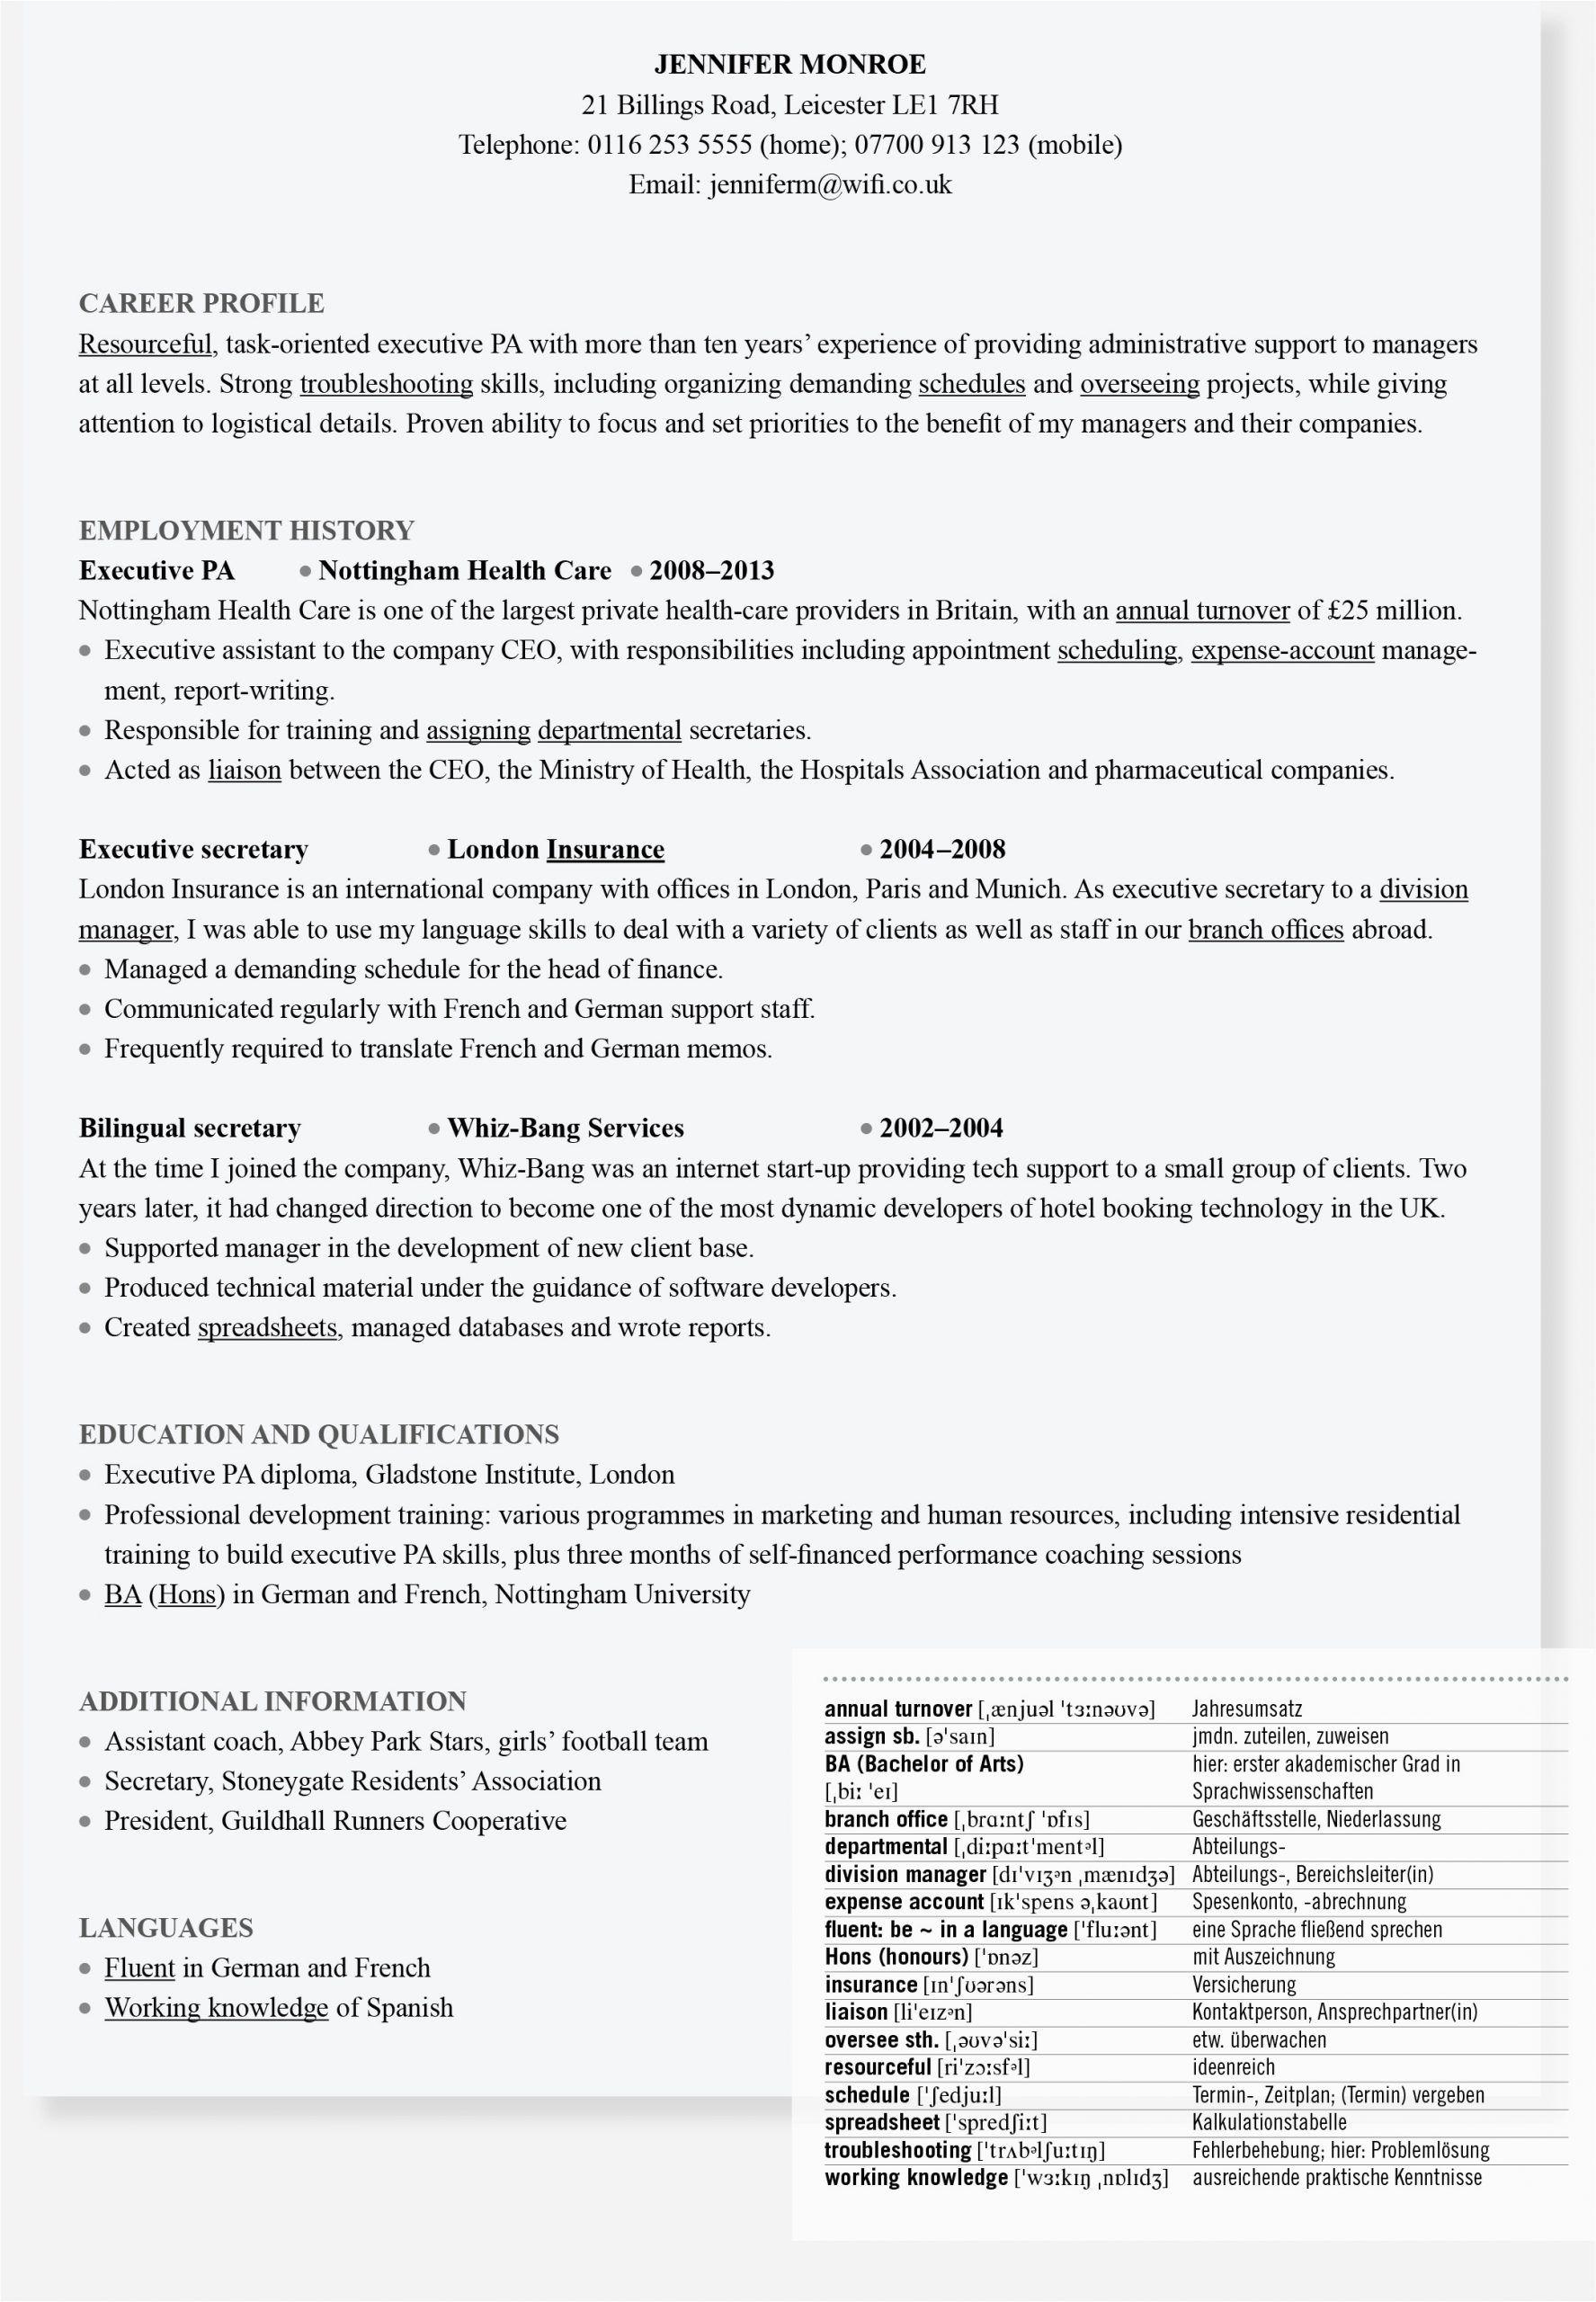 Englisch Lebenslauf Vorlagen In 2020 Lebenslauf Auf Englisch Lebenslauf Lebenslauf Tipps